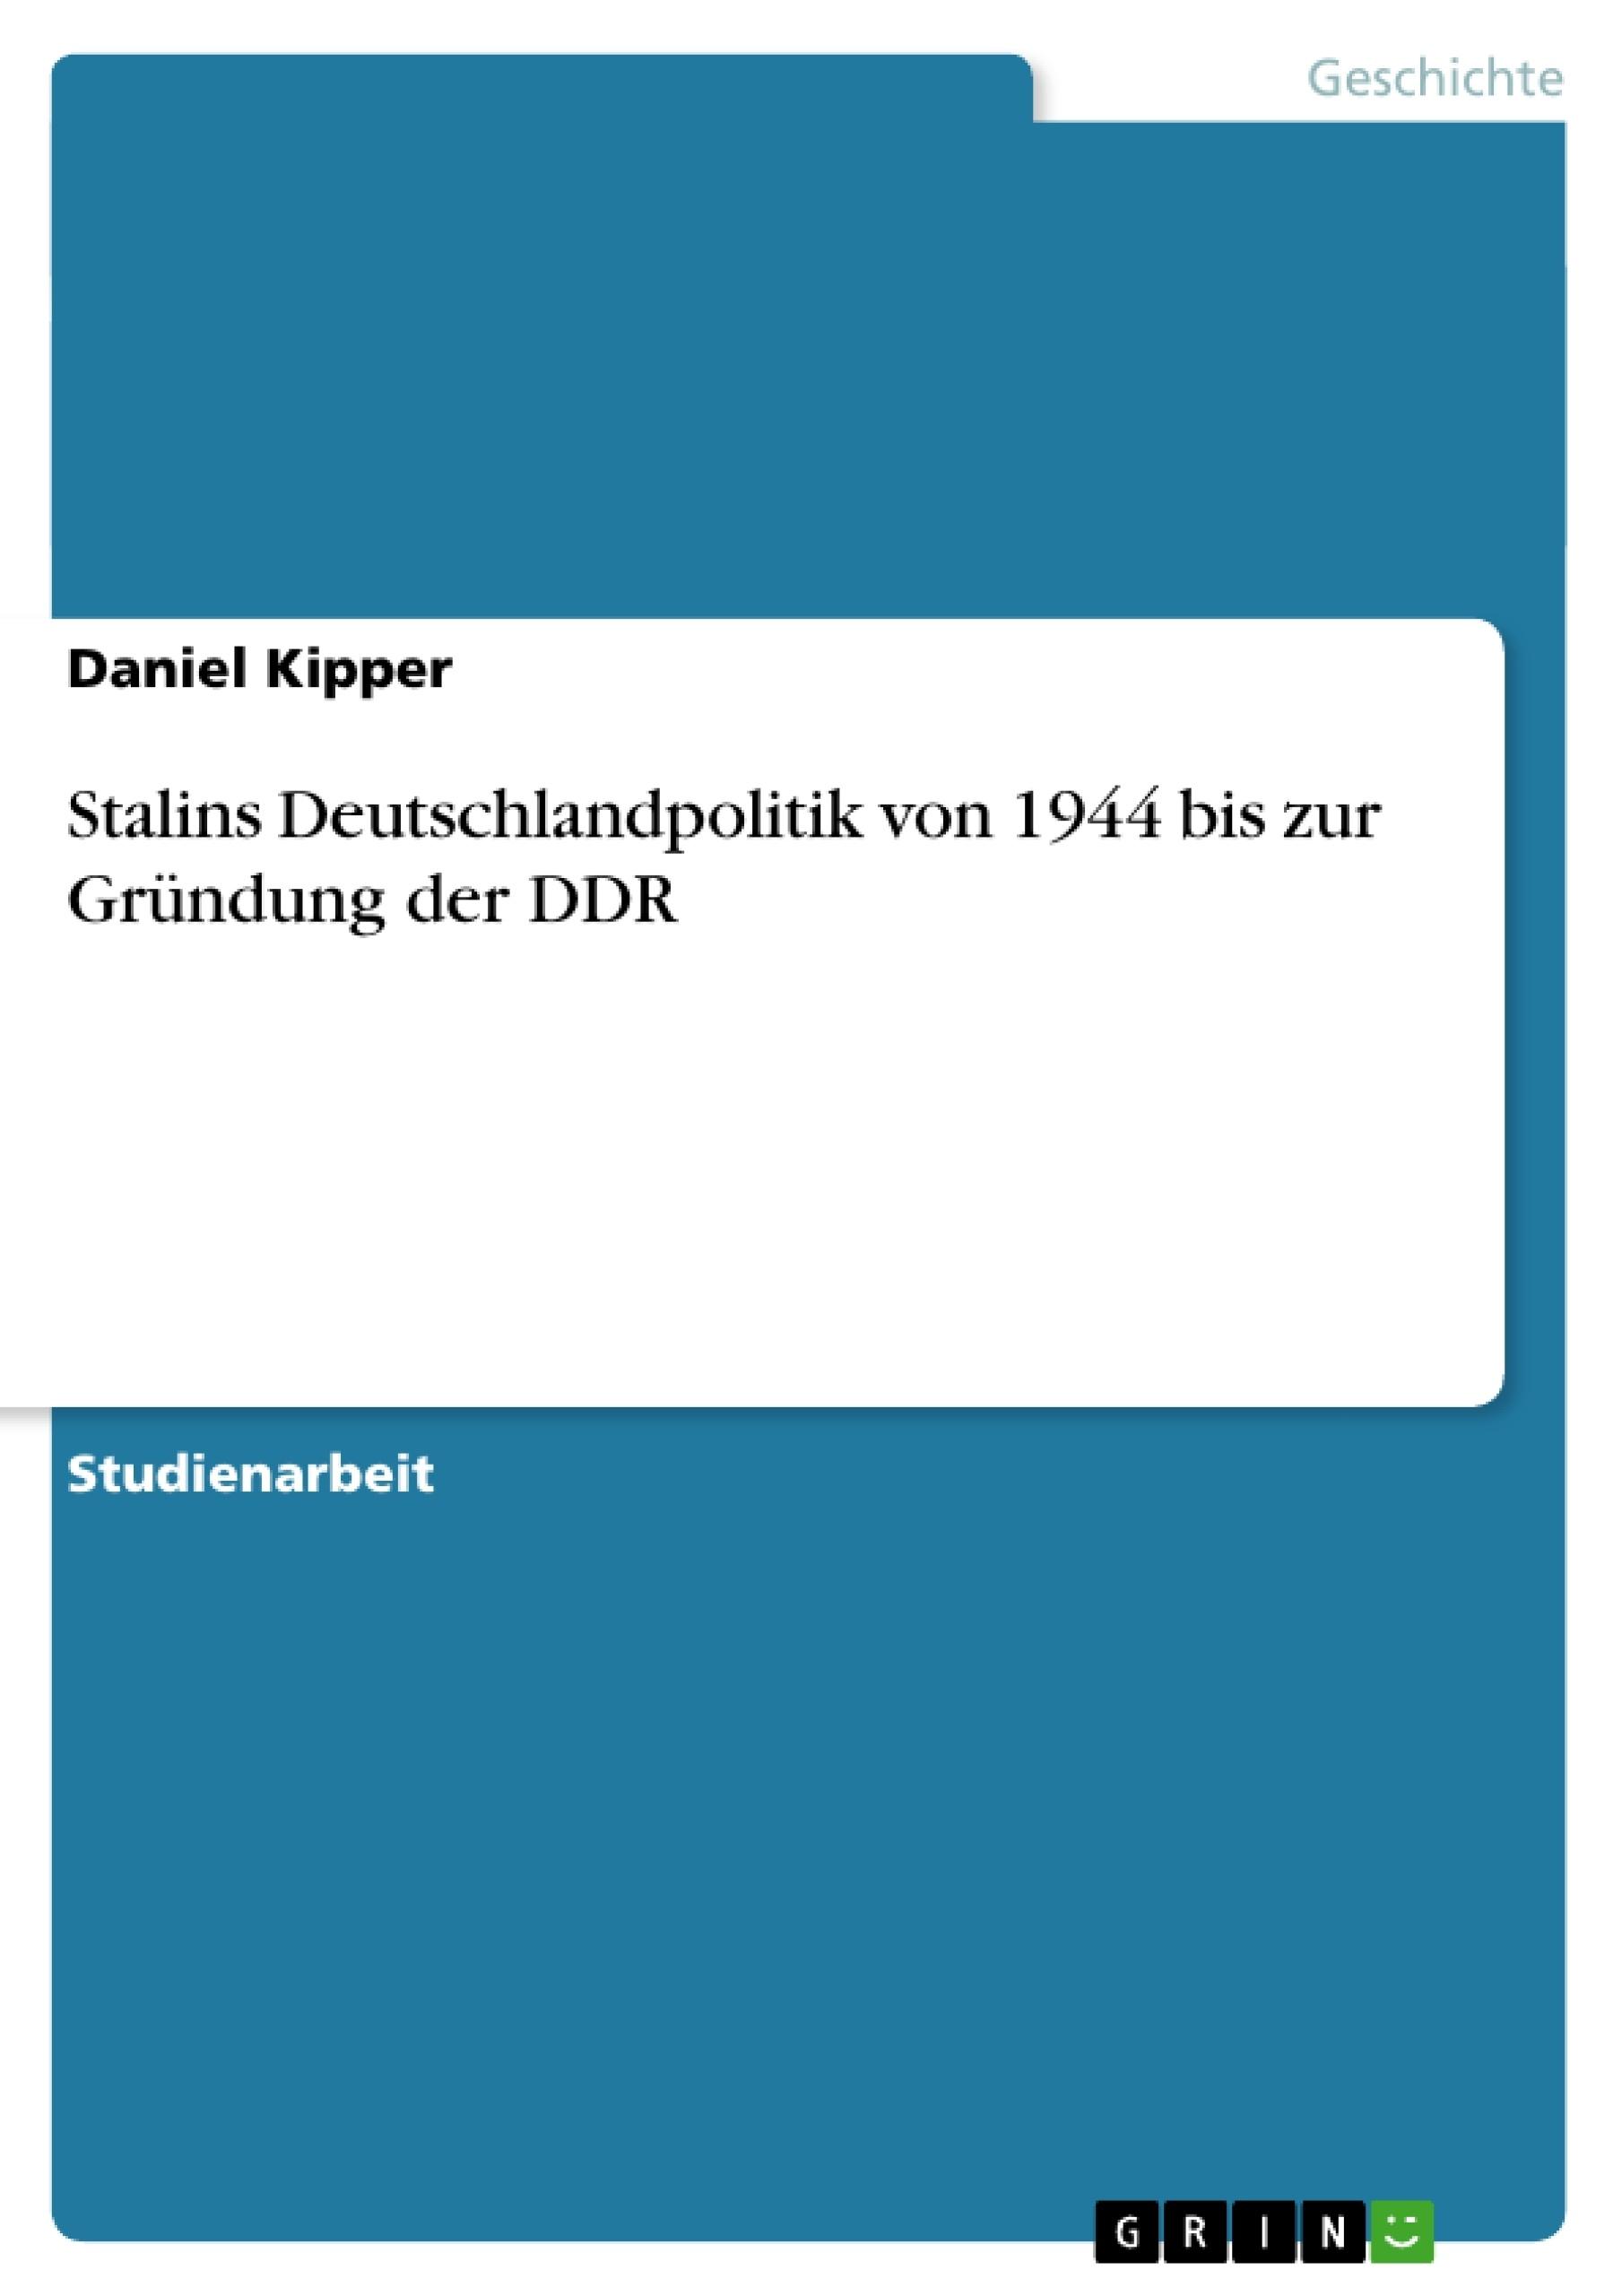 Titel: Stalins Deutschlandpolitik von 1944 bis zur Gründung der DDR